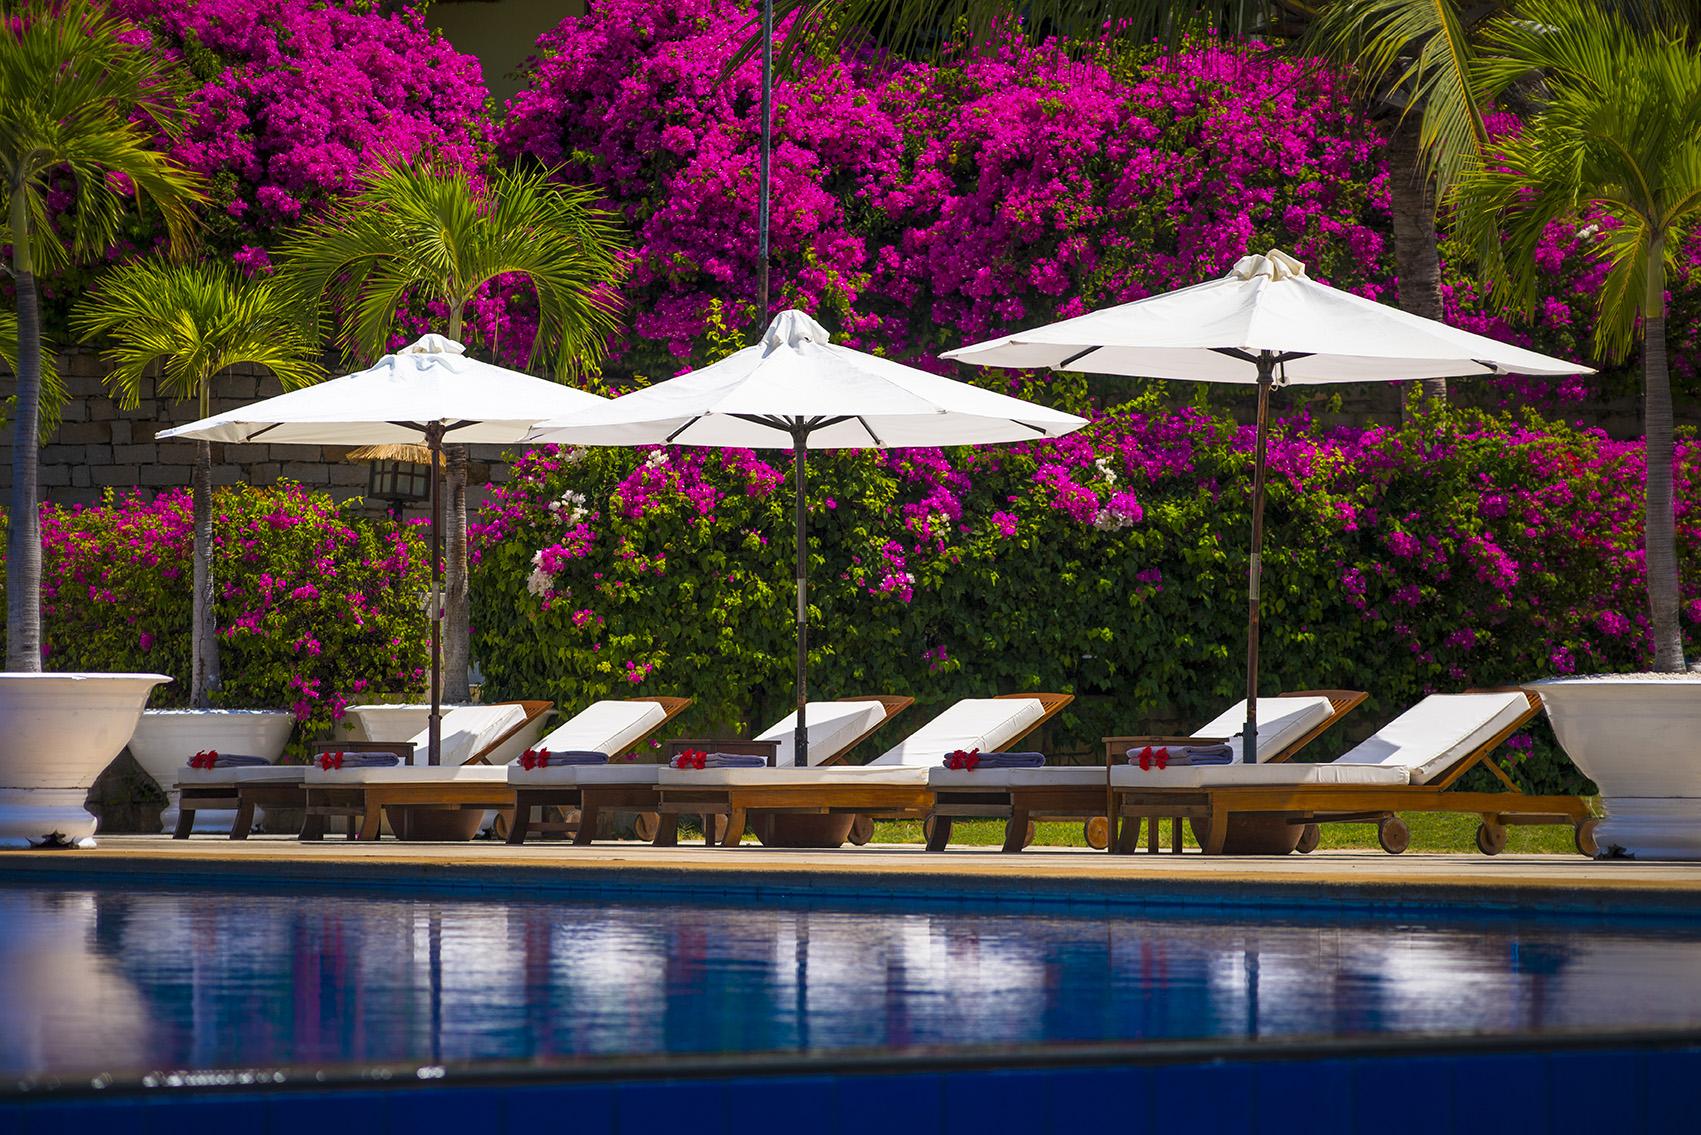 Victoria Phan Thiết nhuộm màu hồng rực bởi hoa giấy.